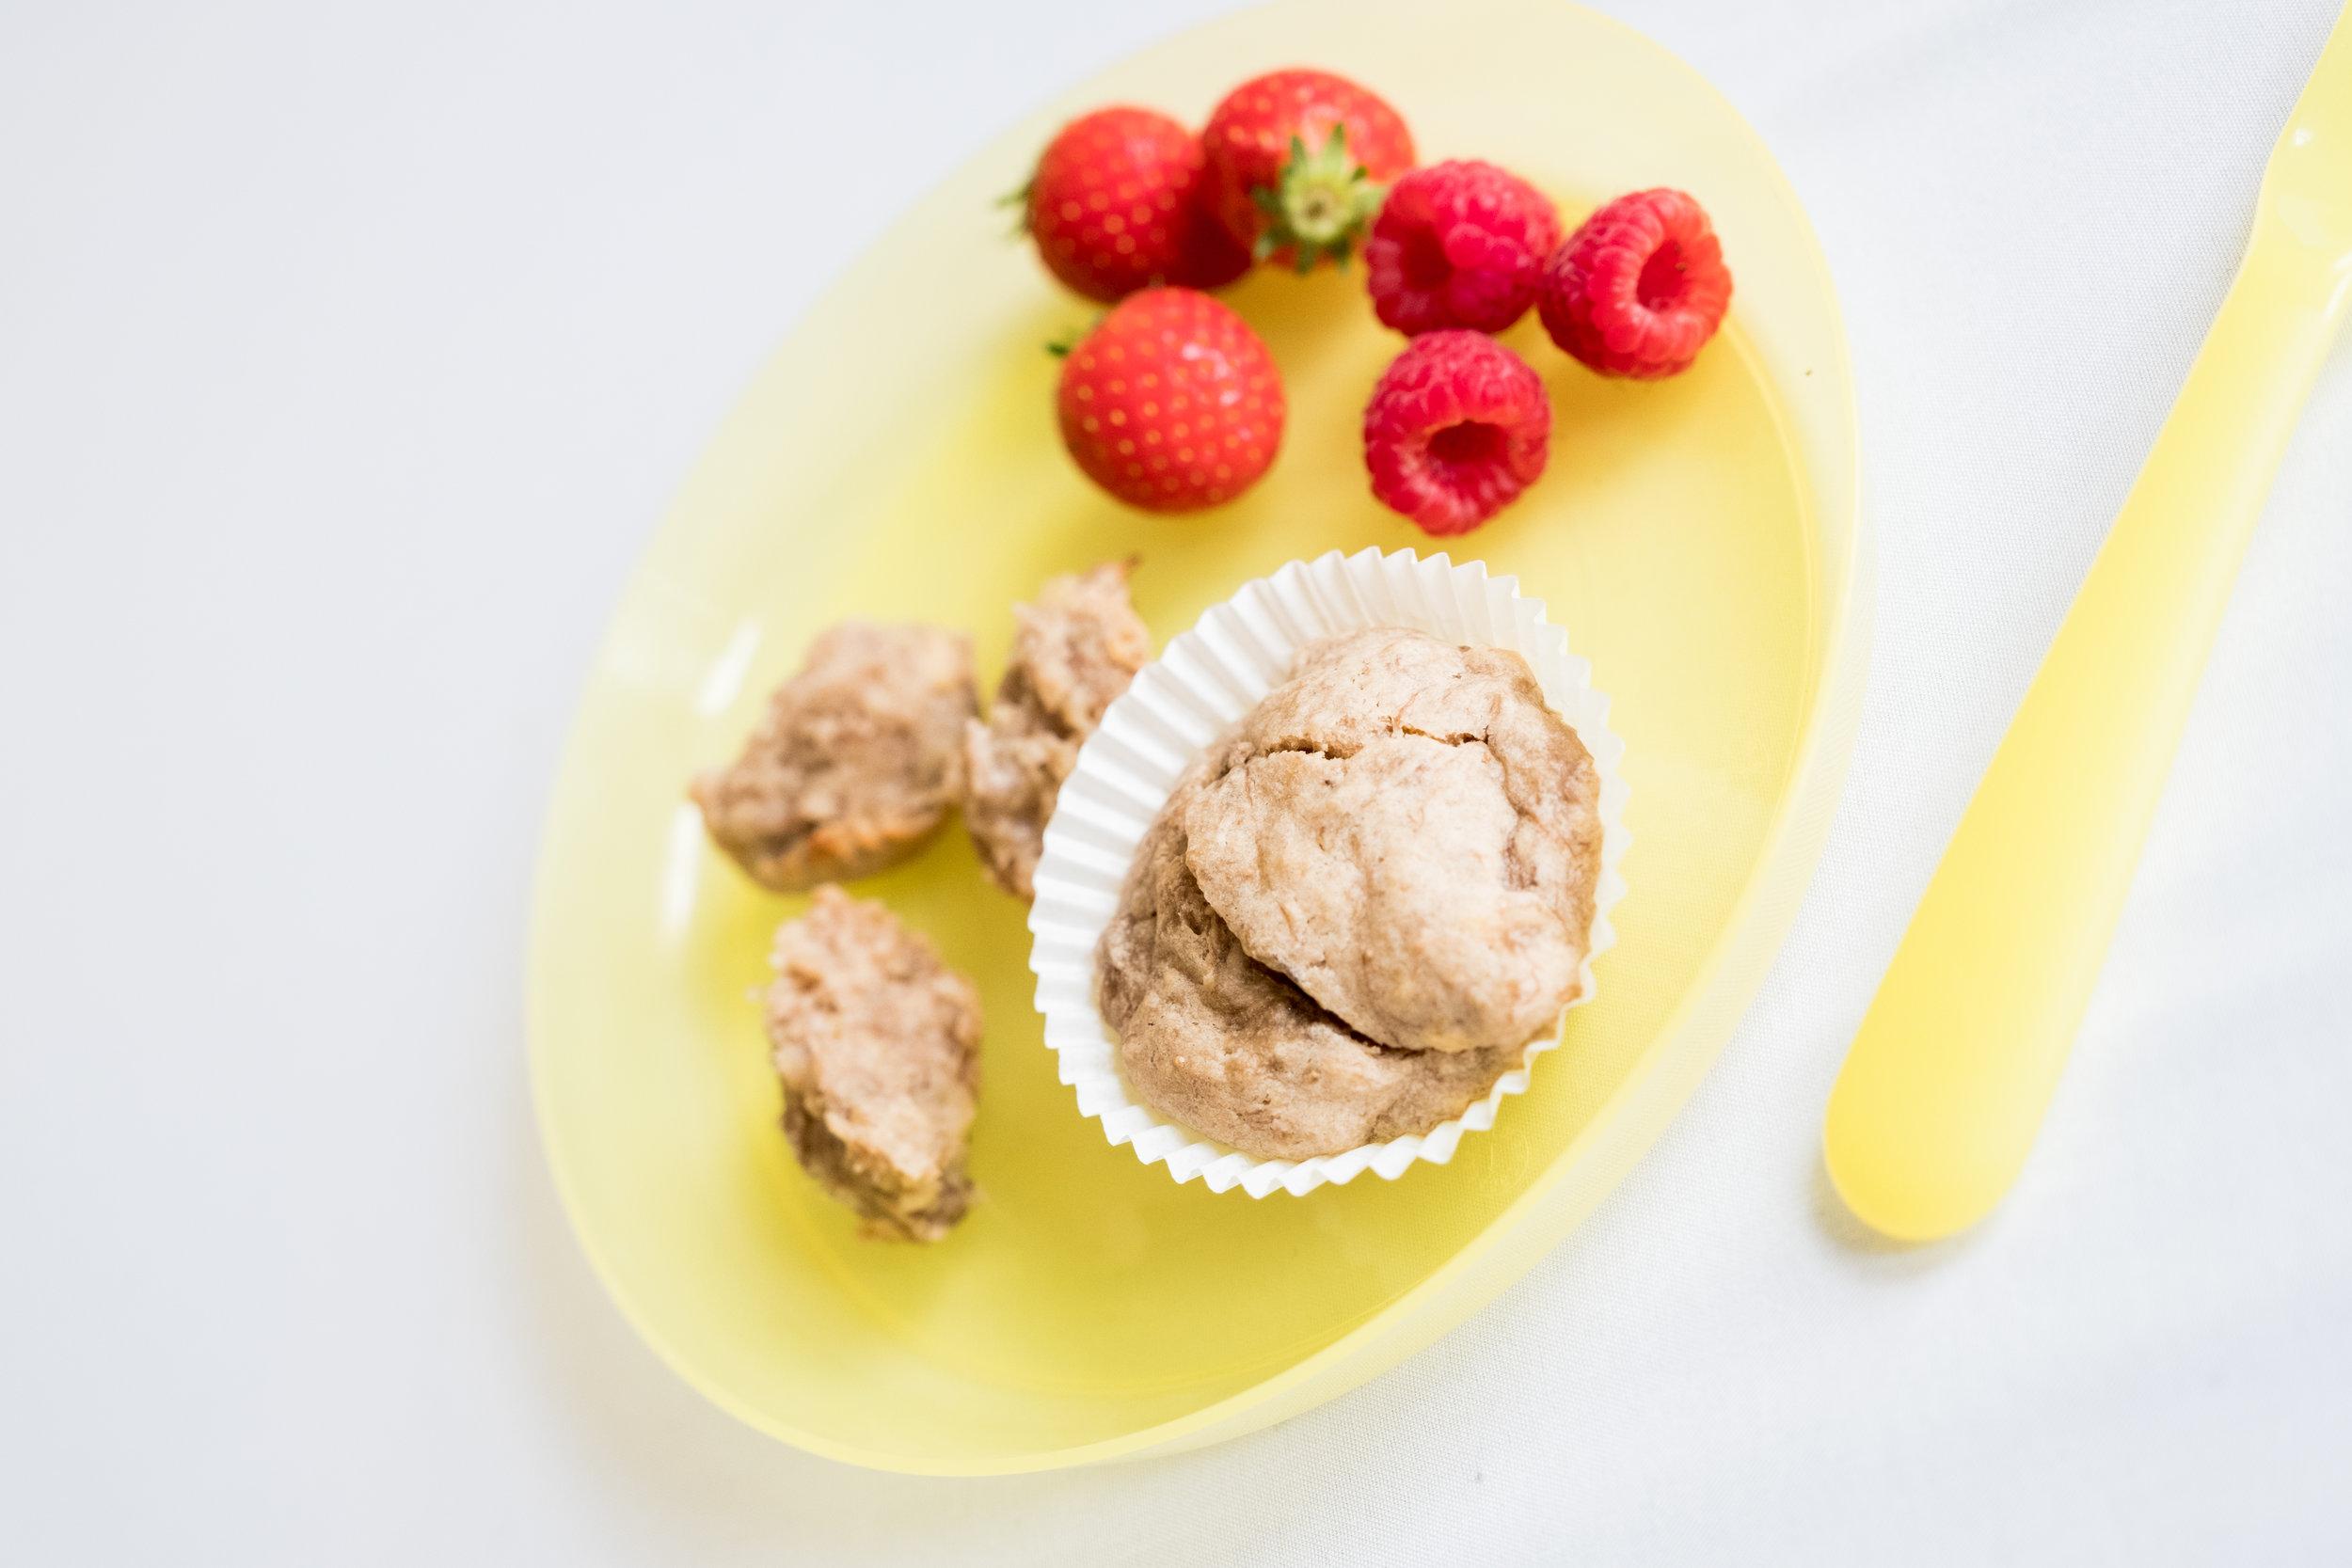 FruityCupcakes-11.jpg